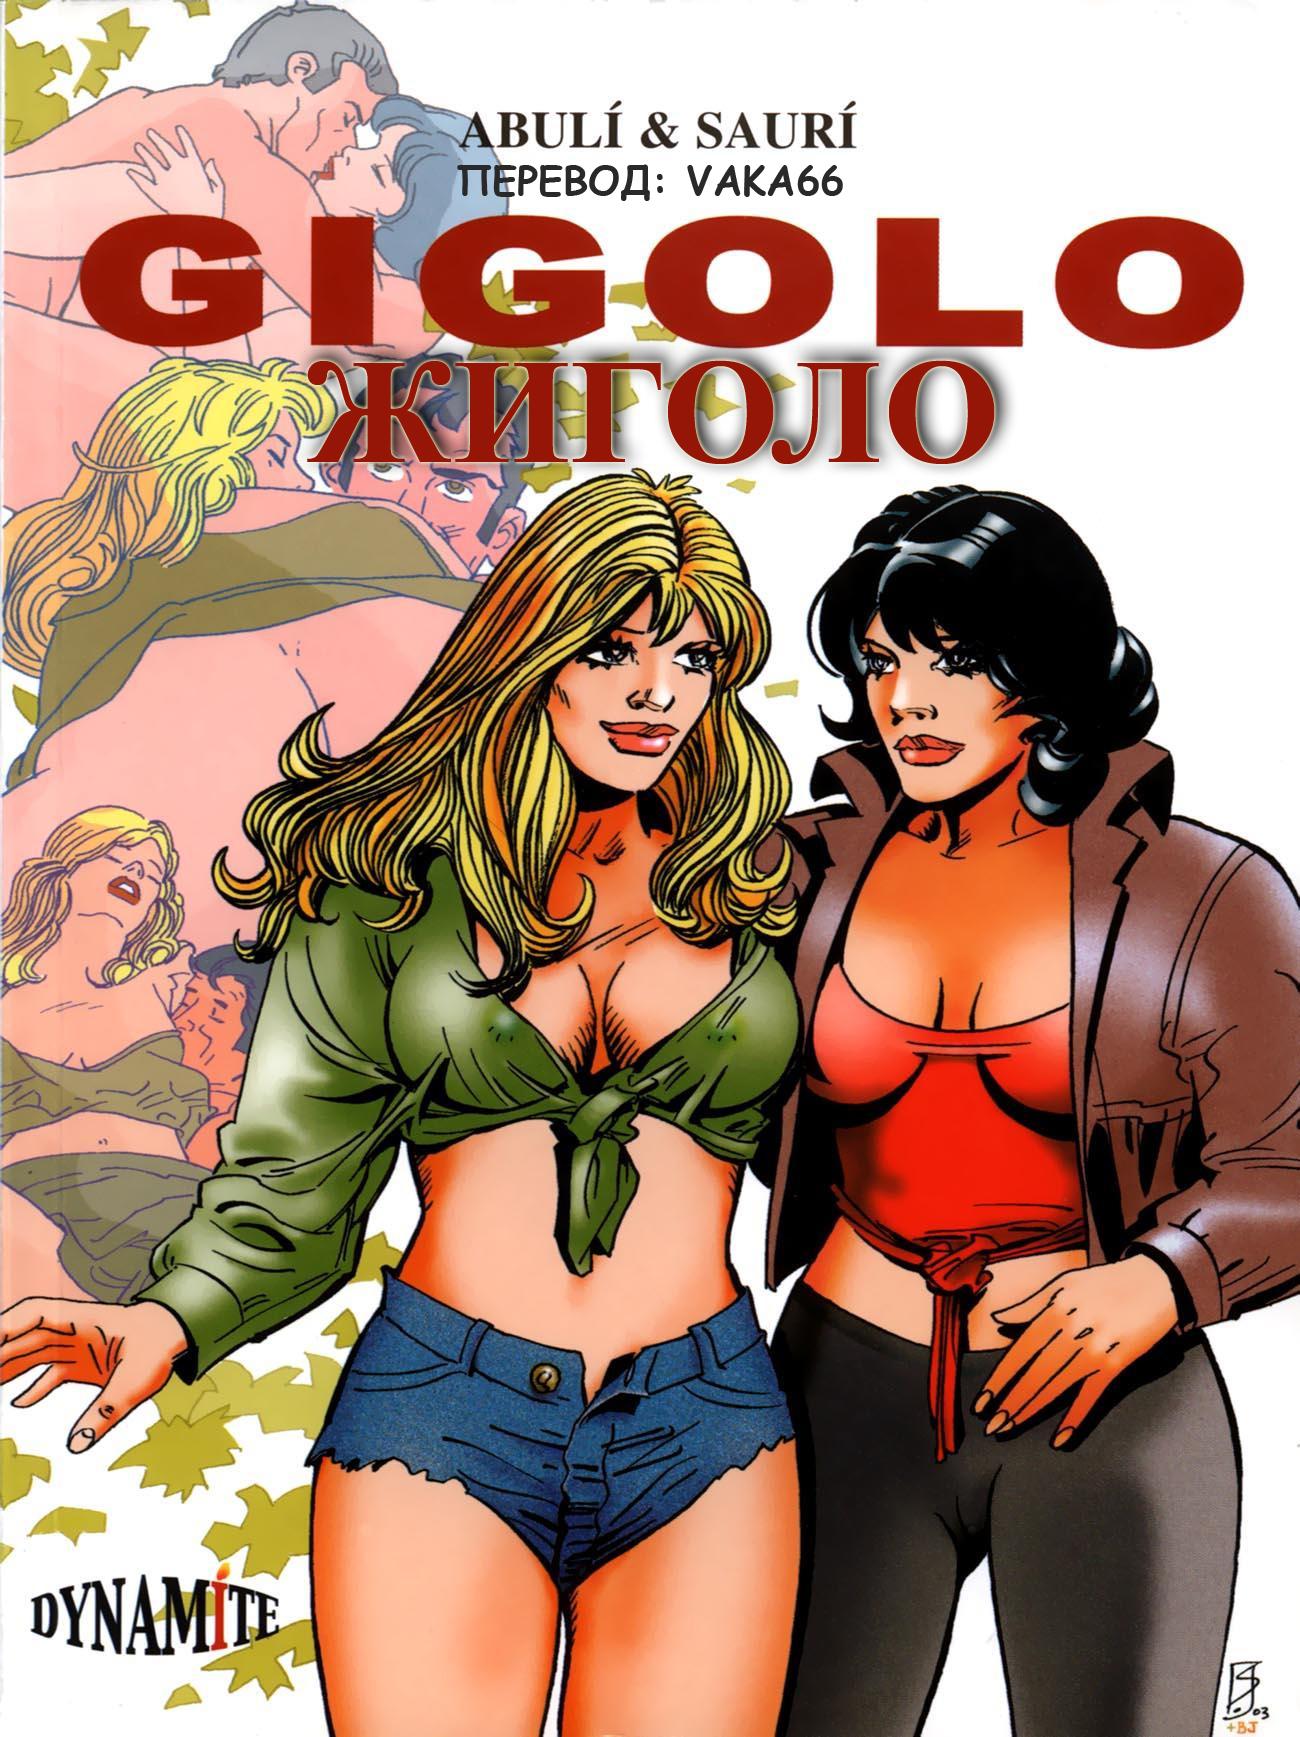 Gigolo (1)